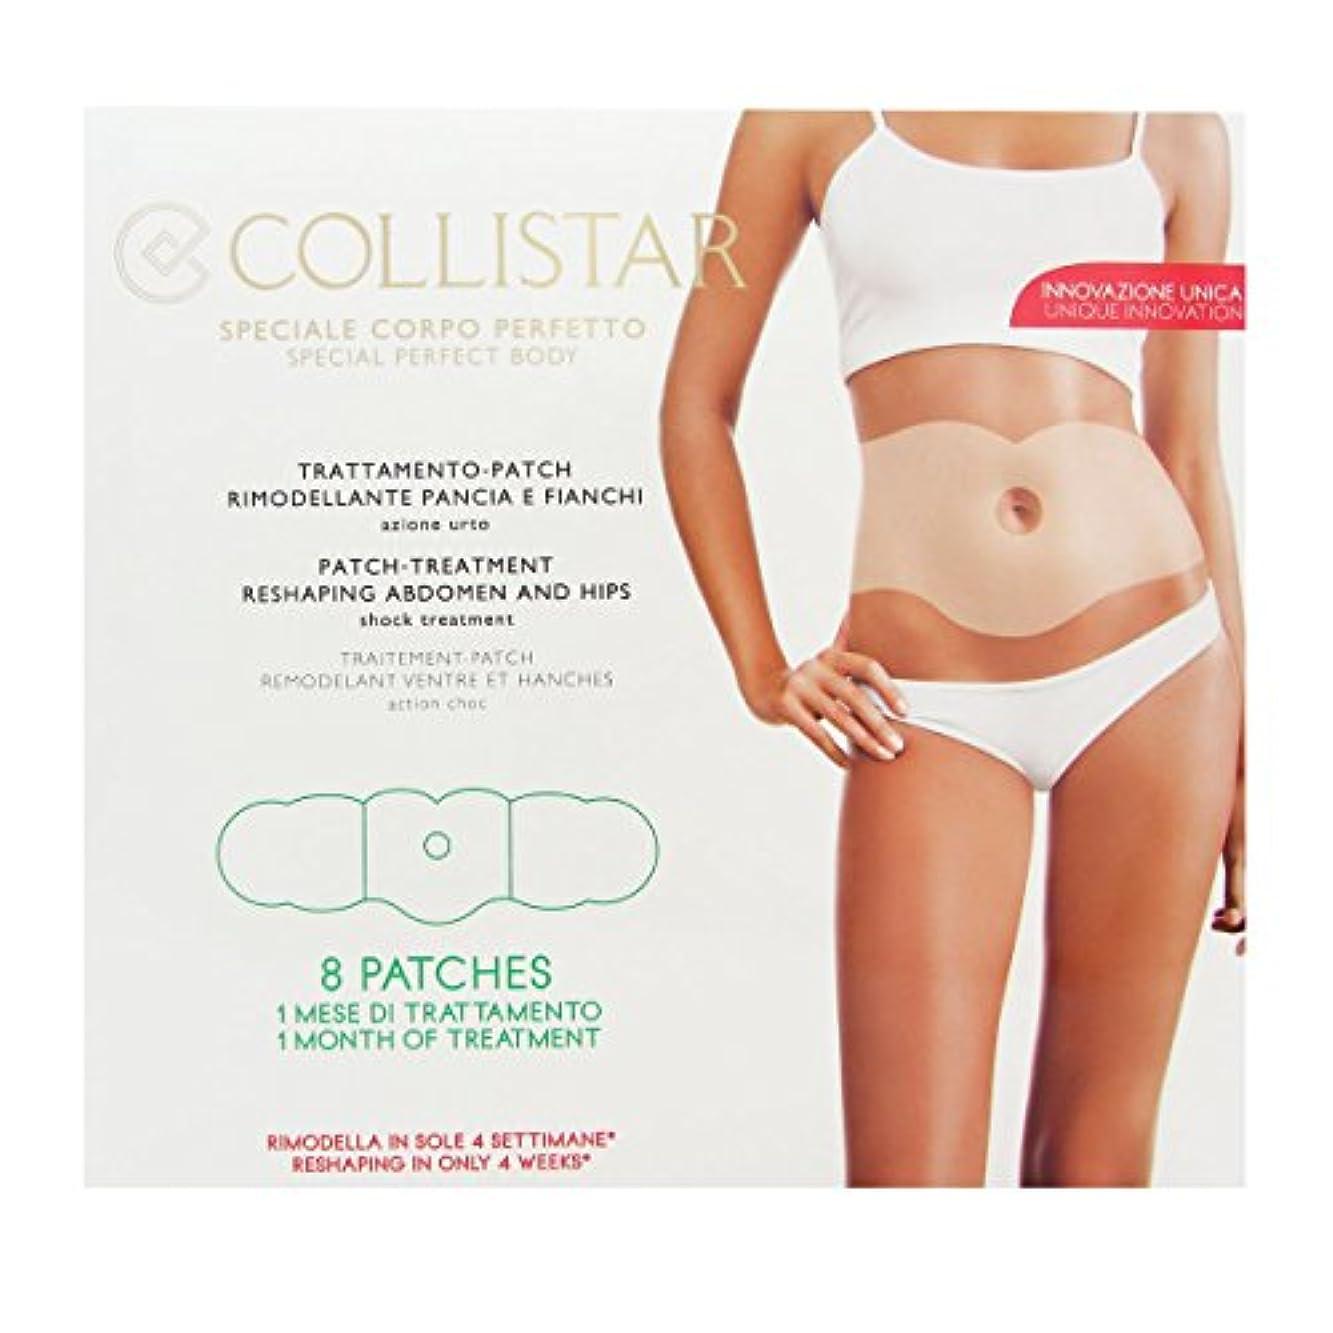 繰り返したエクスタシー確認Collistar Patch-treatment Reshaping Abdomen And Hips 8patches [並行輸入品]